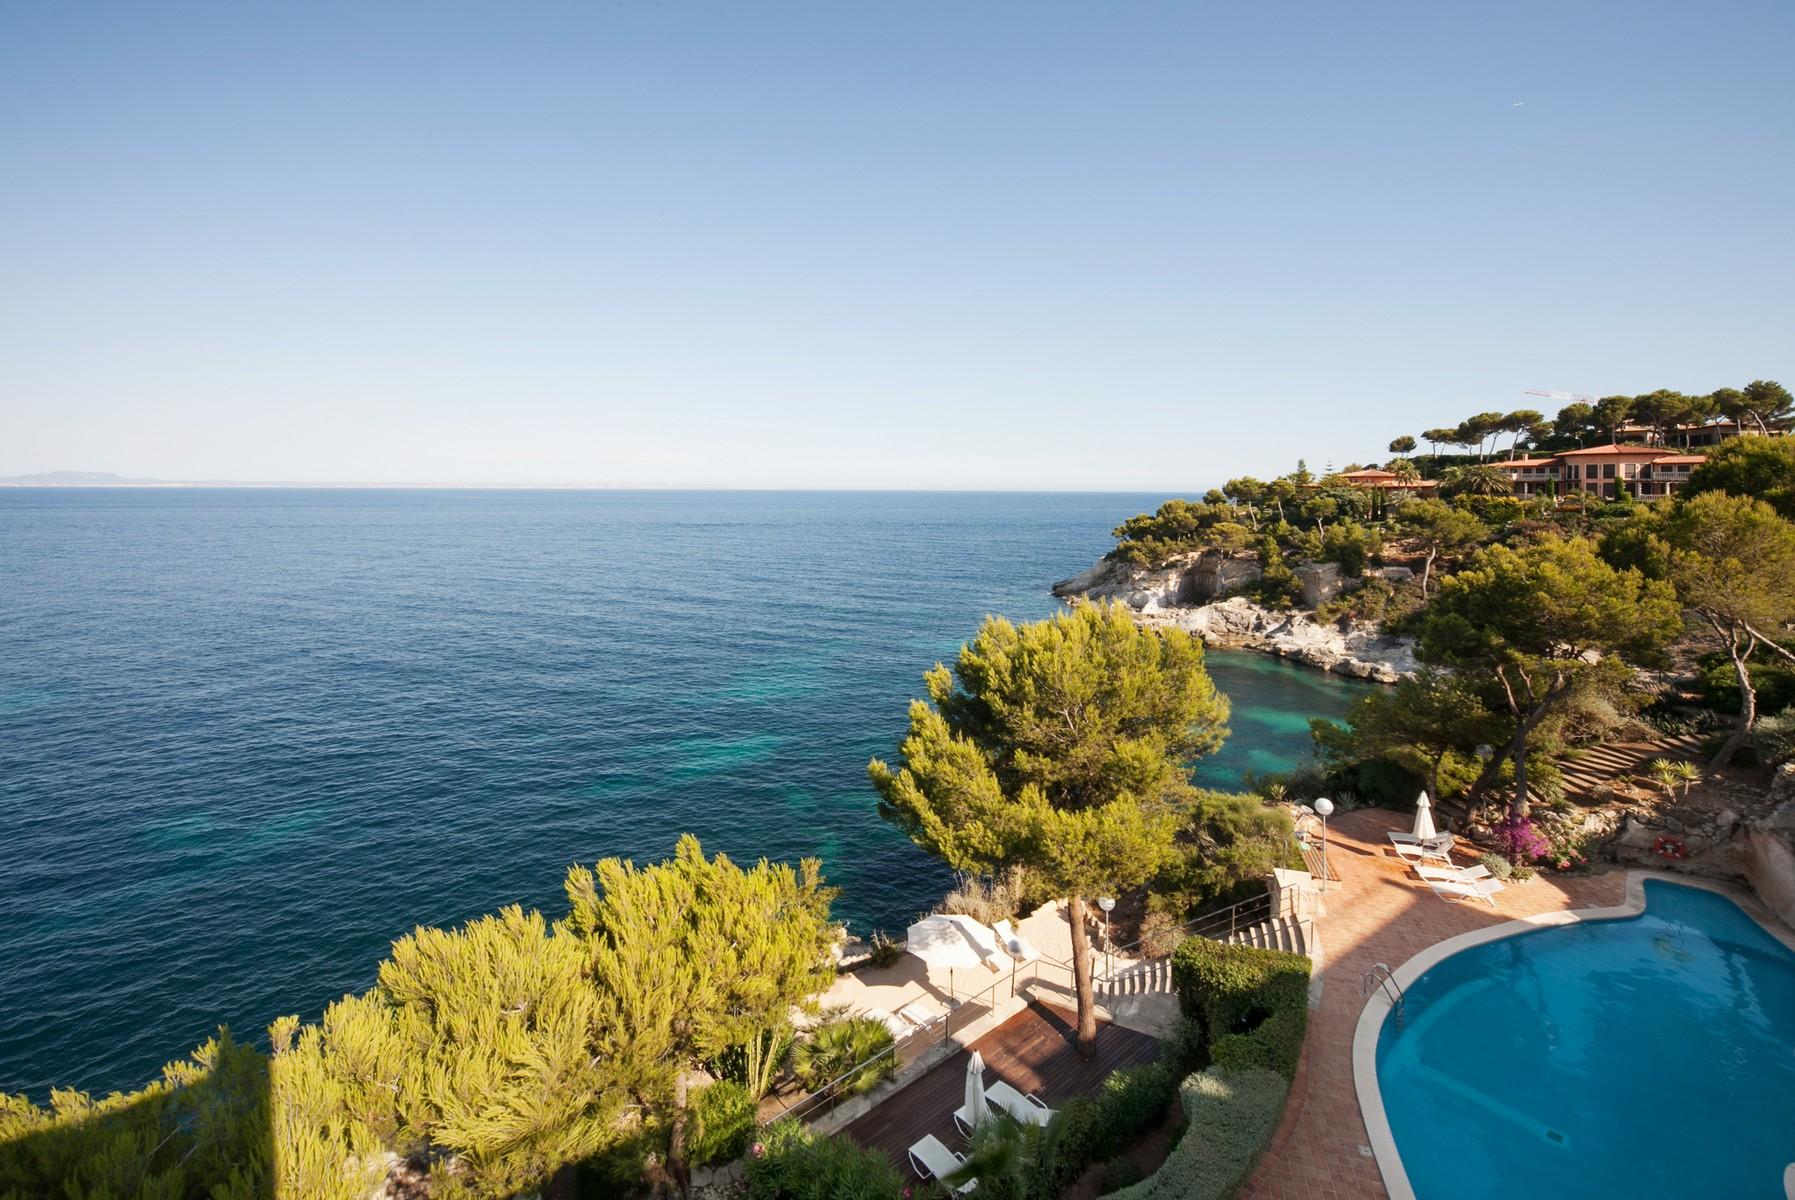 Einfamilienhaus für Verkauf beim Wunderschönes Penthouse in Cala Vinyes Palma Nova, Mallorca, 07184 Spanien